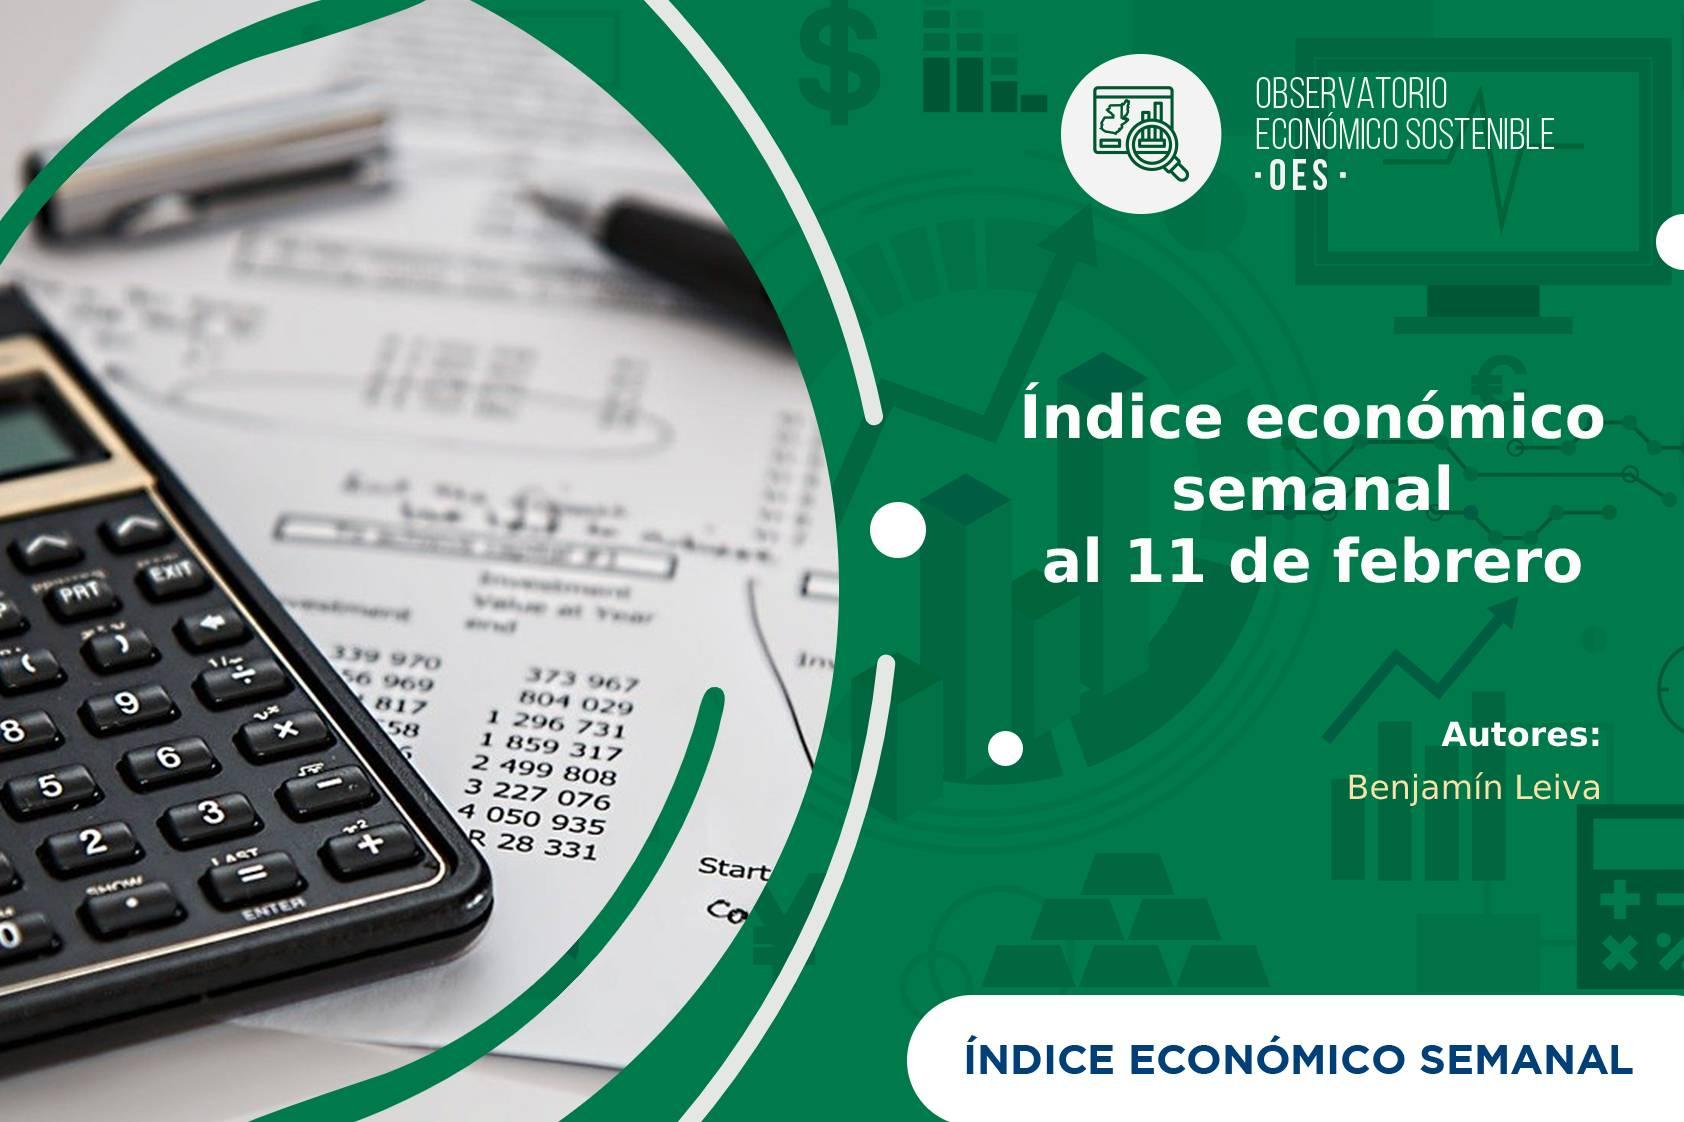 El aumento de los vuelos y el consumo de petróleo levantaron el IES para el 11 de febrero